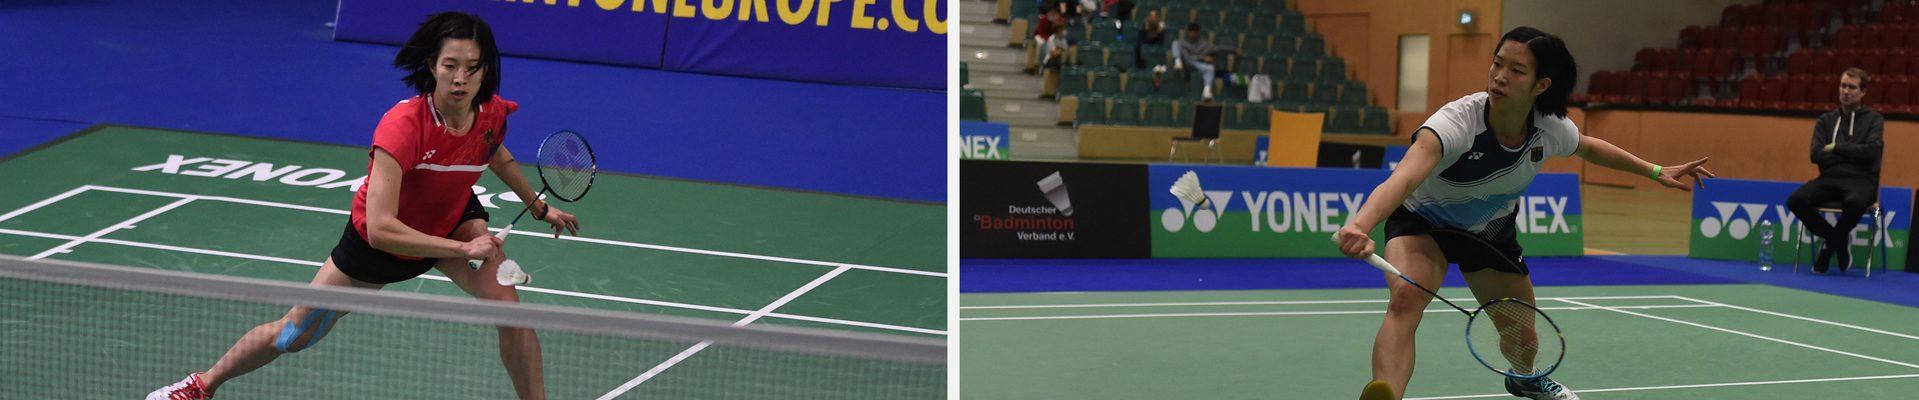 2 Bilder - Yvonne Li jeweils beim Badmintonspielen